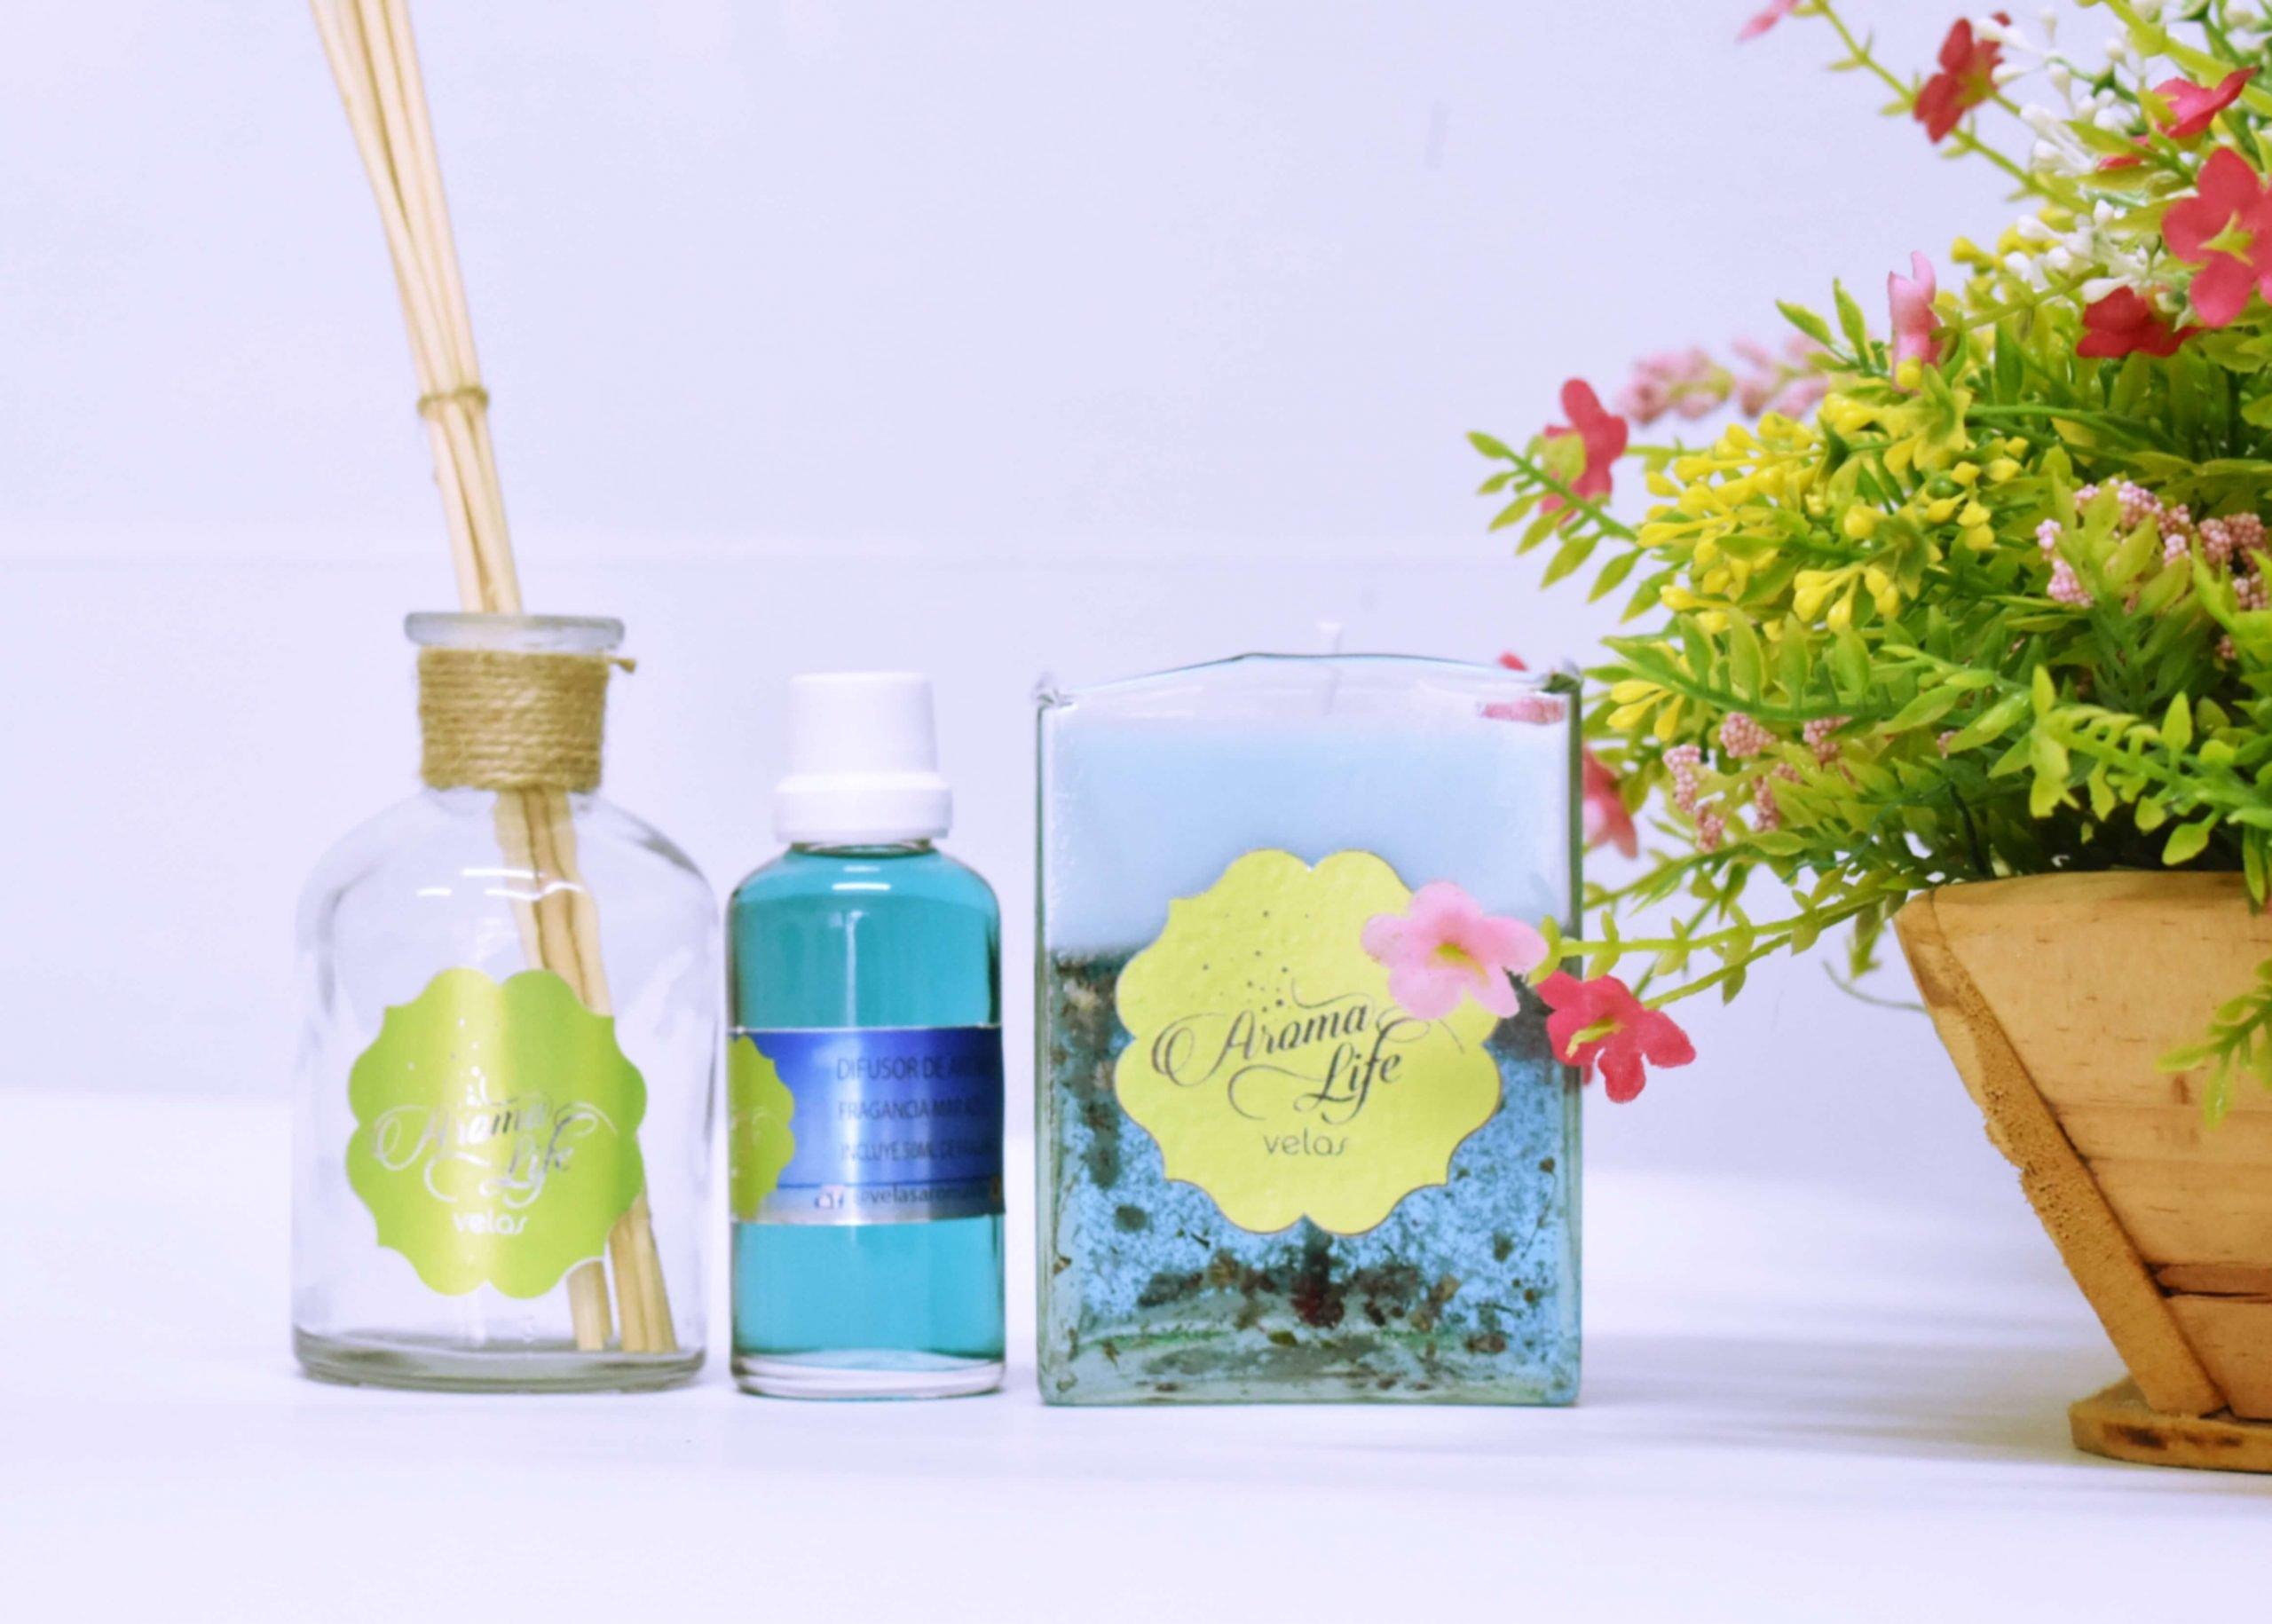 velas decorativas aromaticas aromatizadas aromalife cali